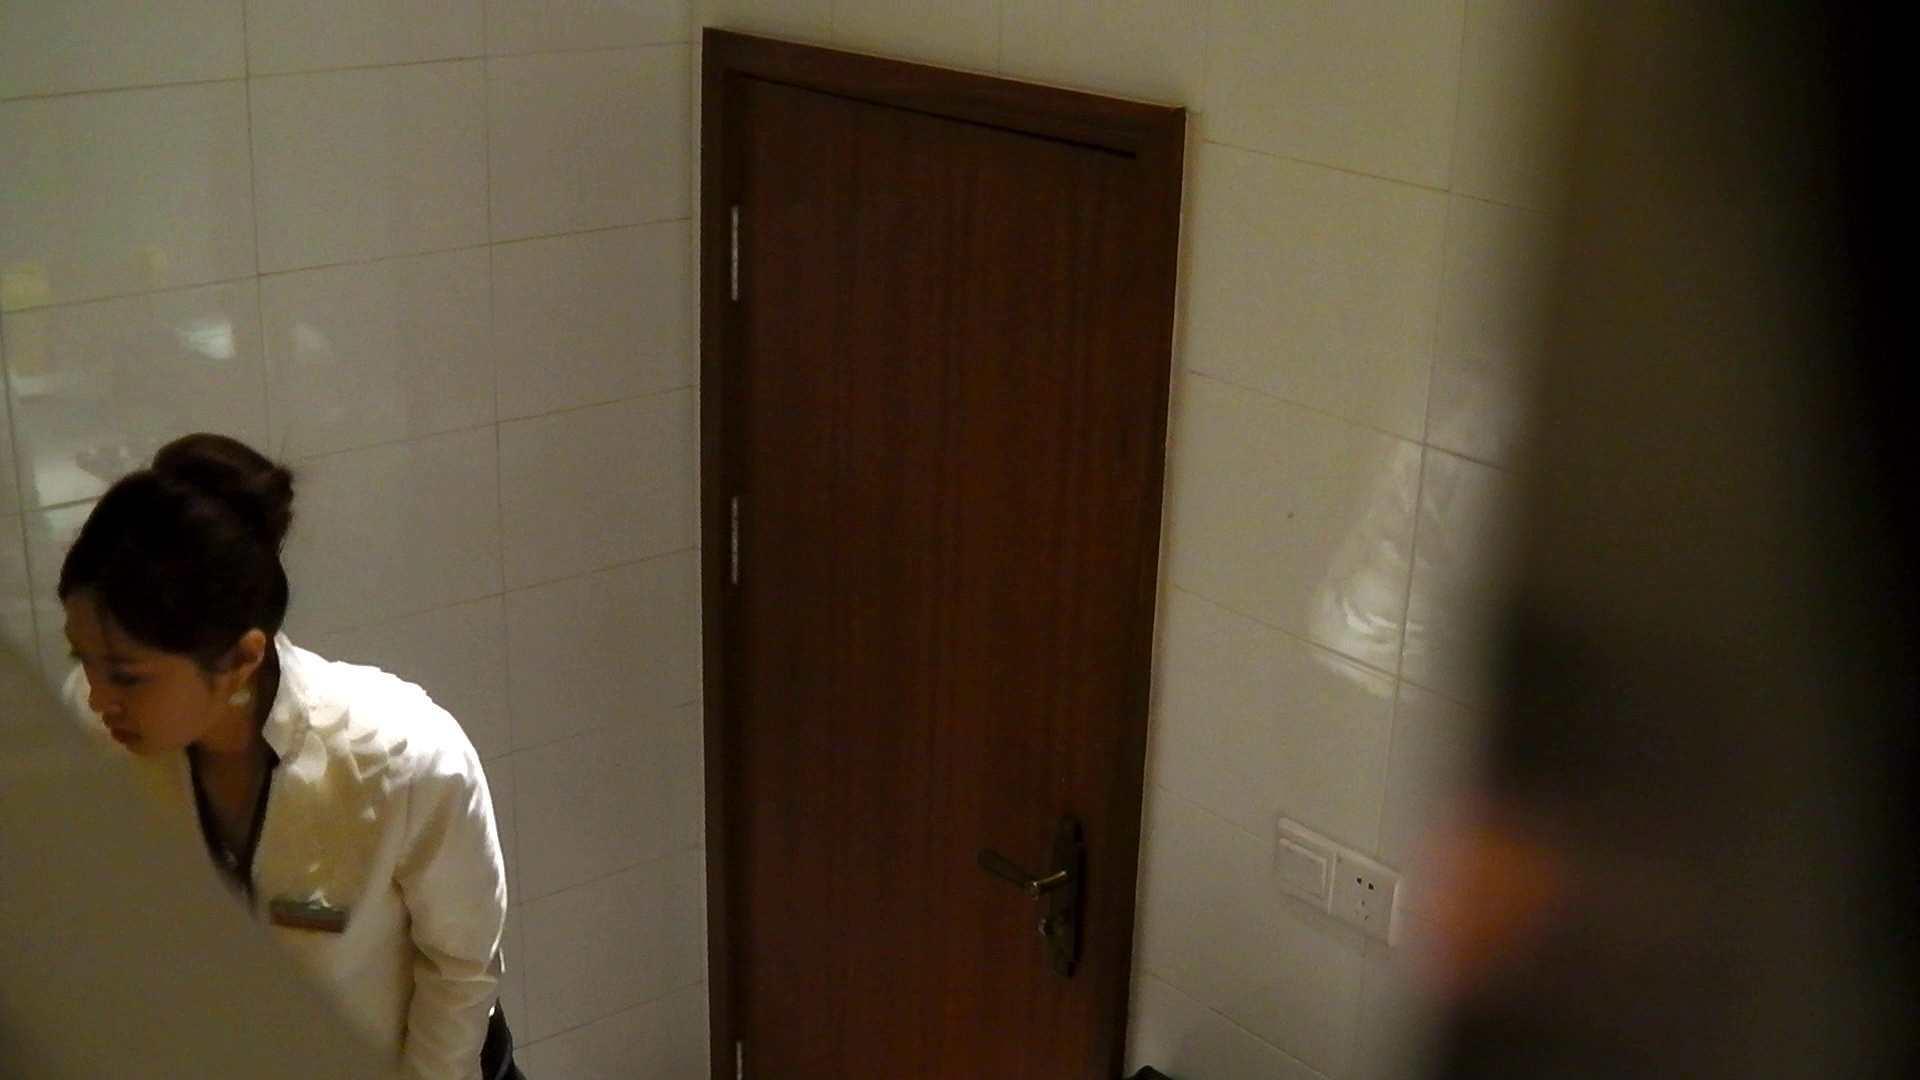 洗寿観音さんの 化粧室は四面楚歌Nol.4 洗面所 | エッチすぎるOL達  55連発 55